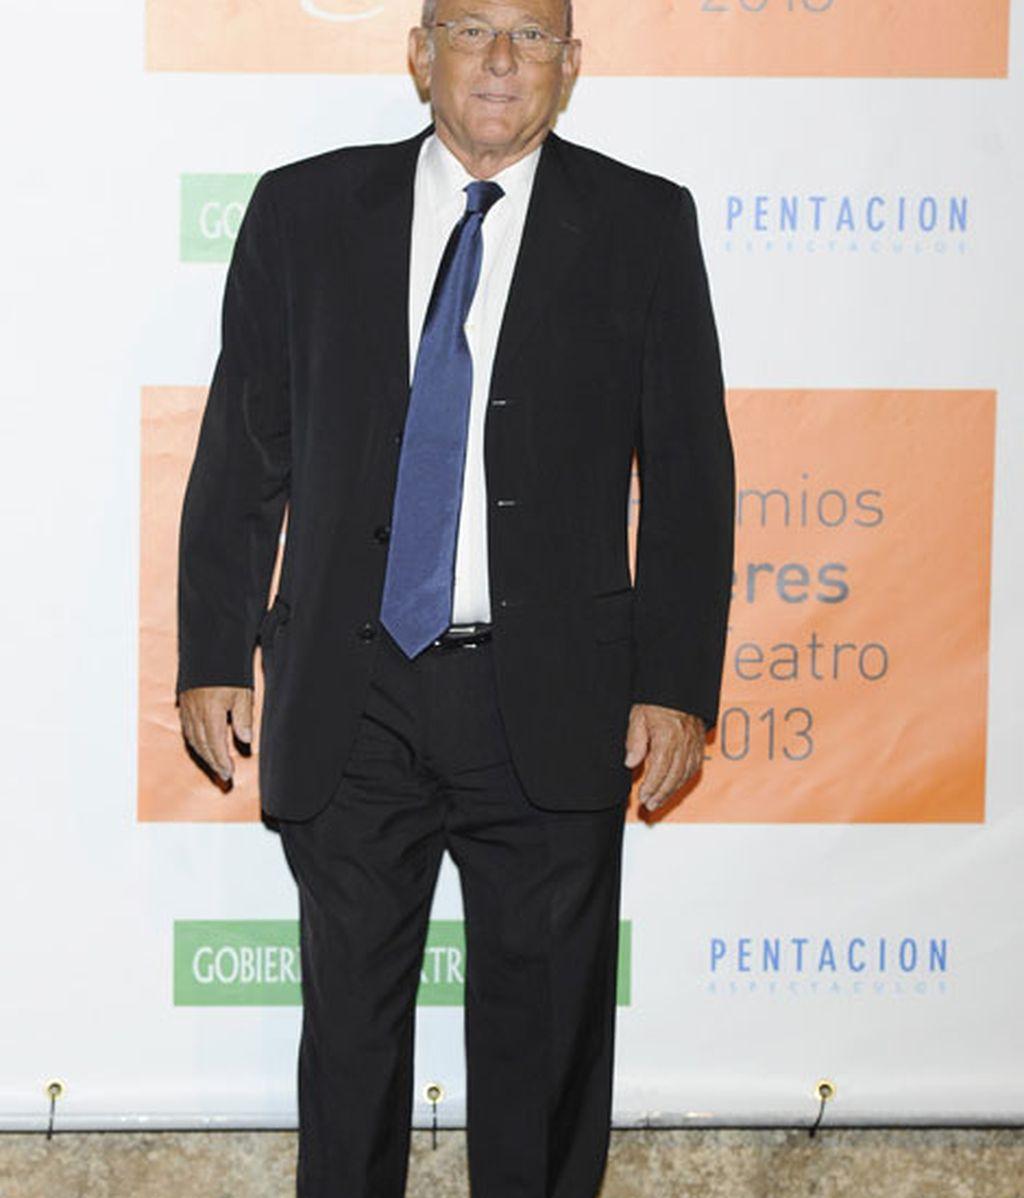 El actor Emilio Gutiérrez, muy elegante